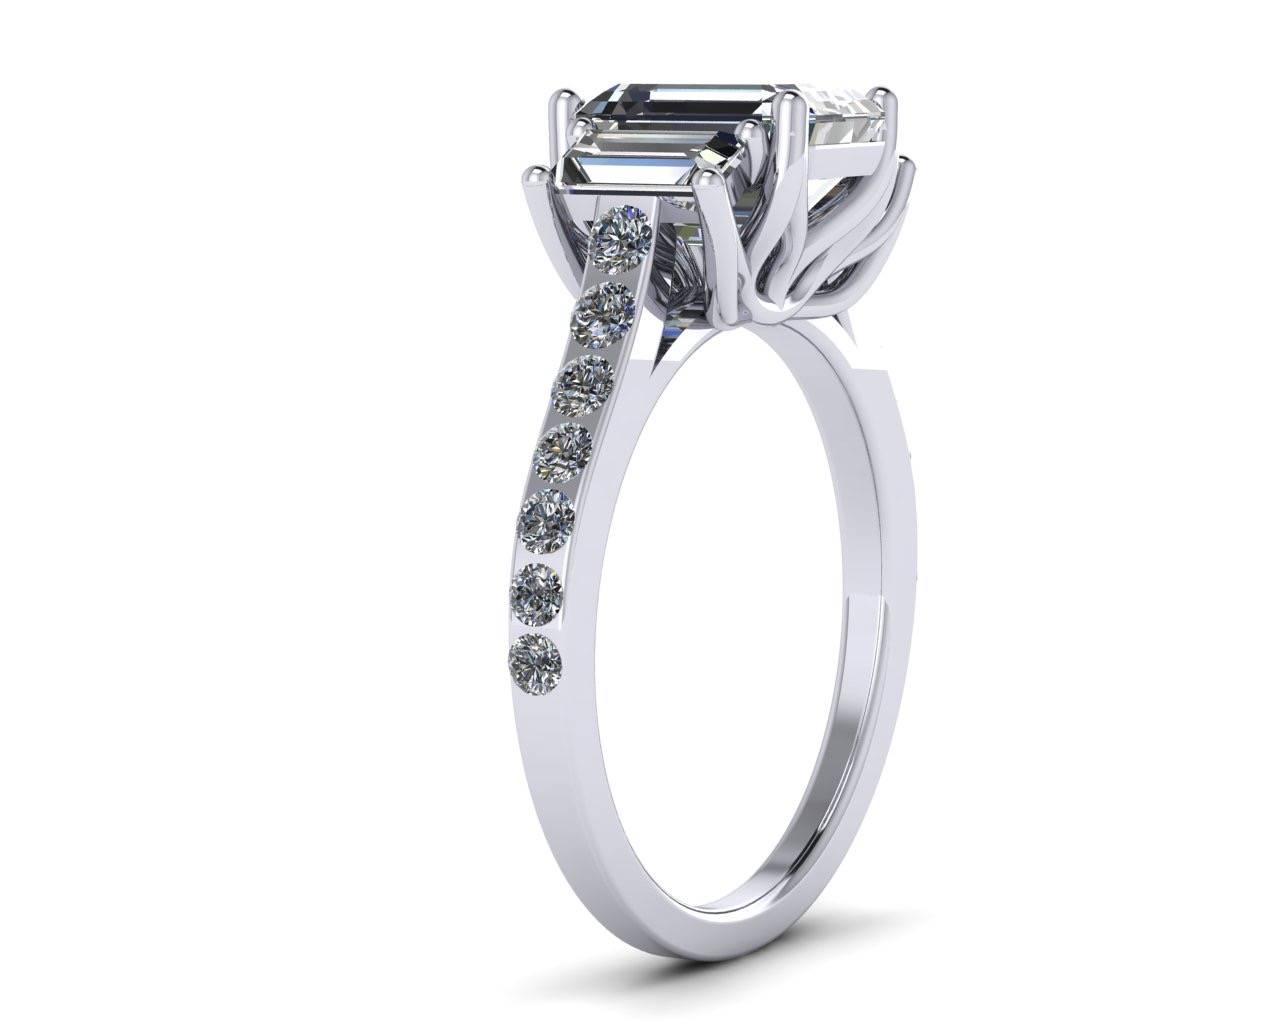 Aayraa jewels - Juwelen - House of Weddings - 6